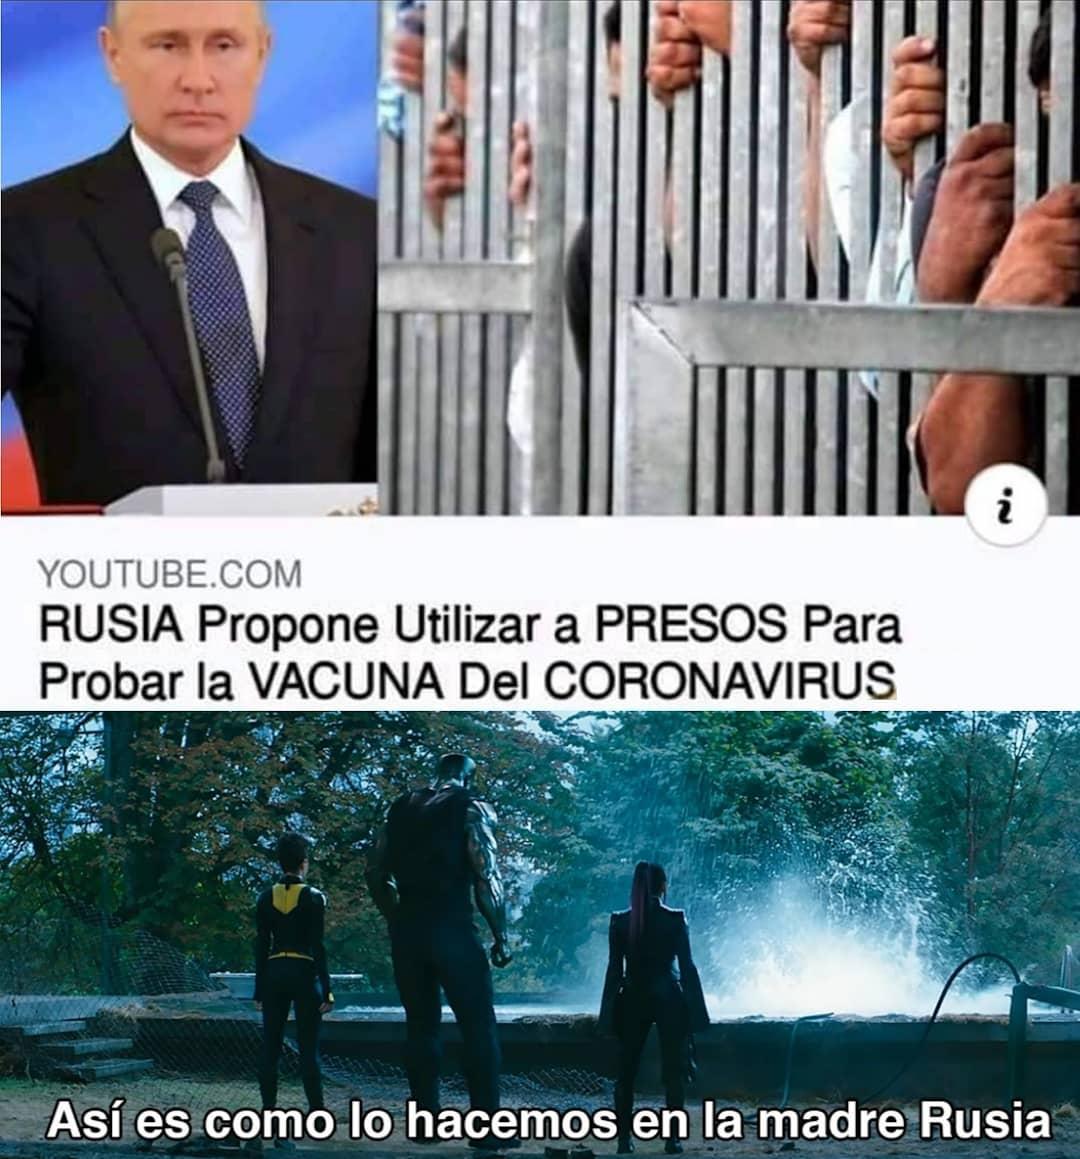 Rusia propone utilizar a presos para probar la vacuna del coronavirus.  Así es como lo hacemos en la madre Rusia.